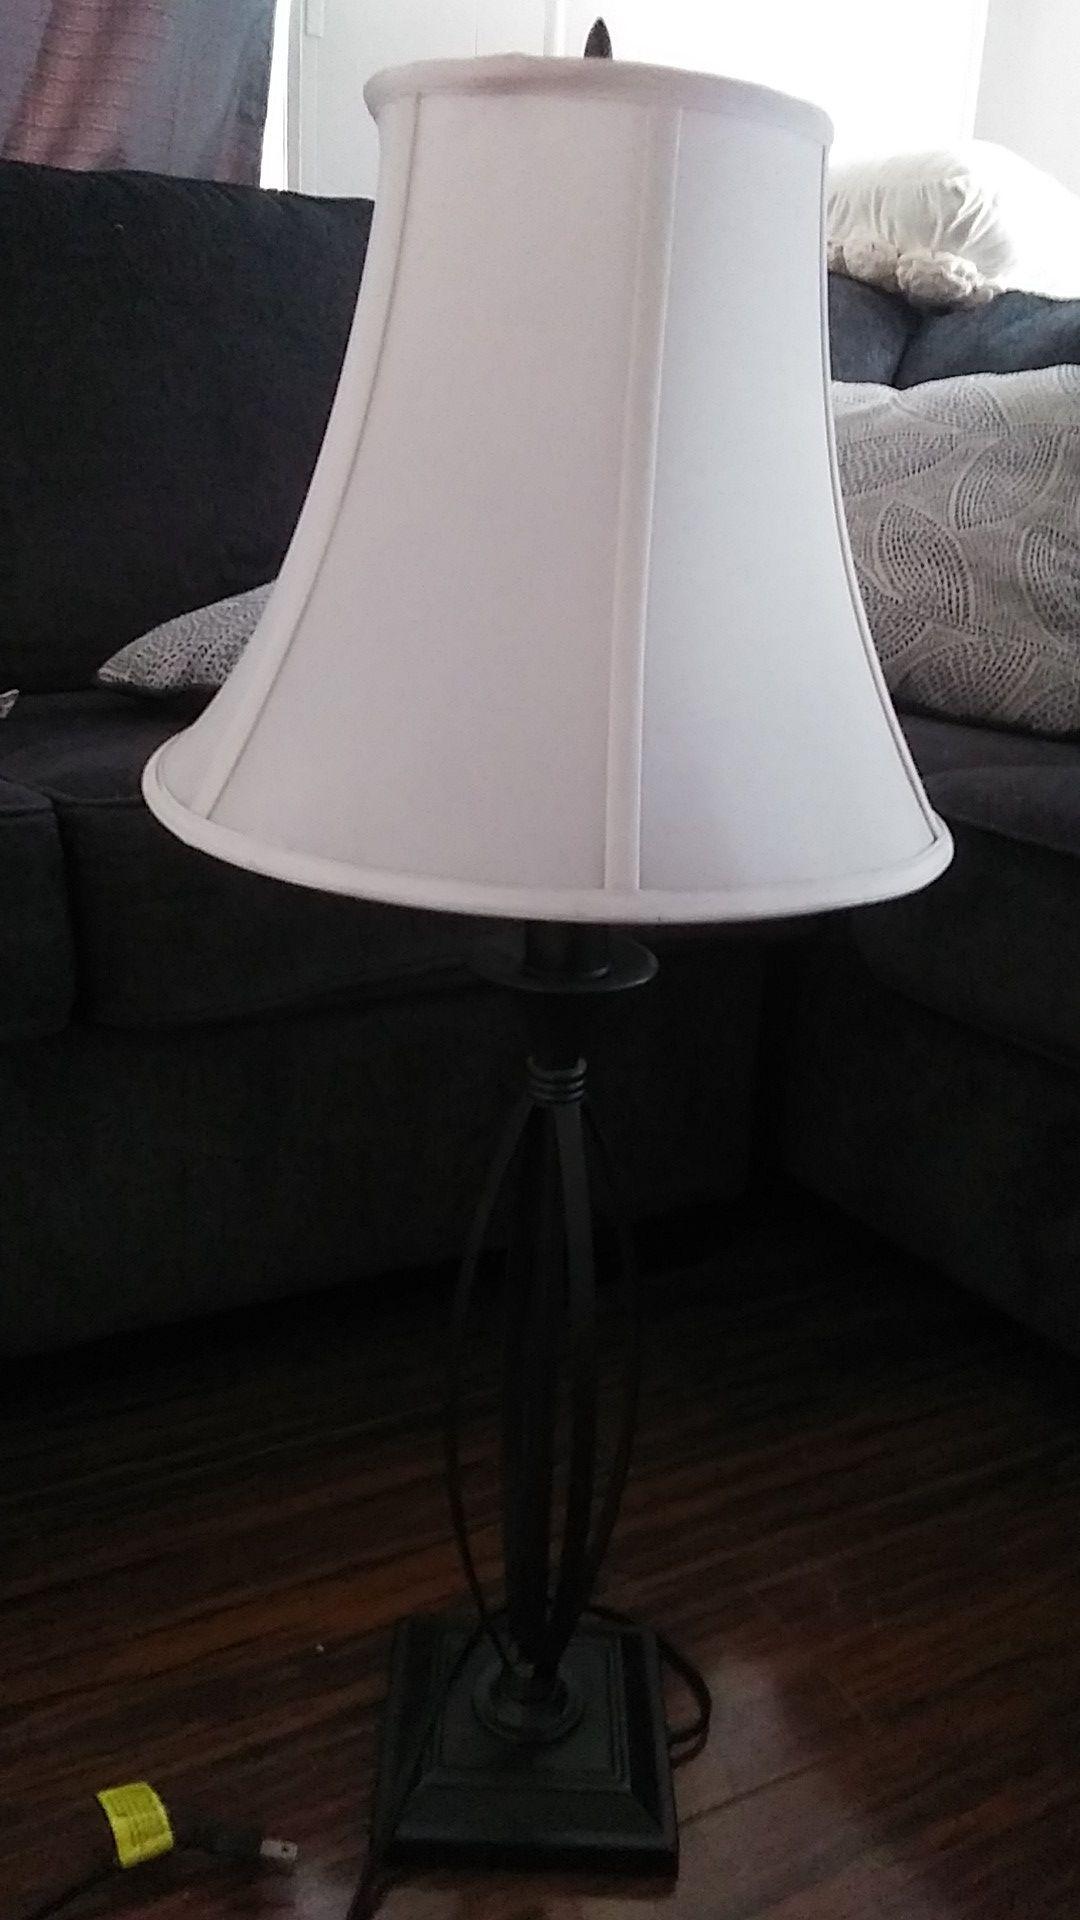 Nigth lamp.